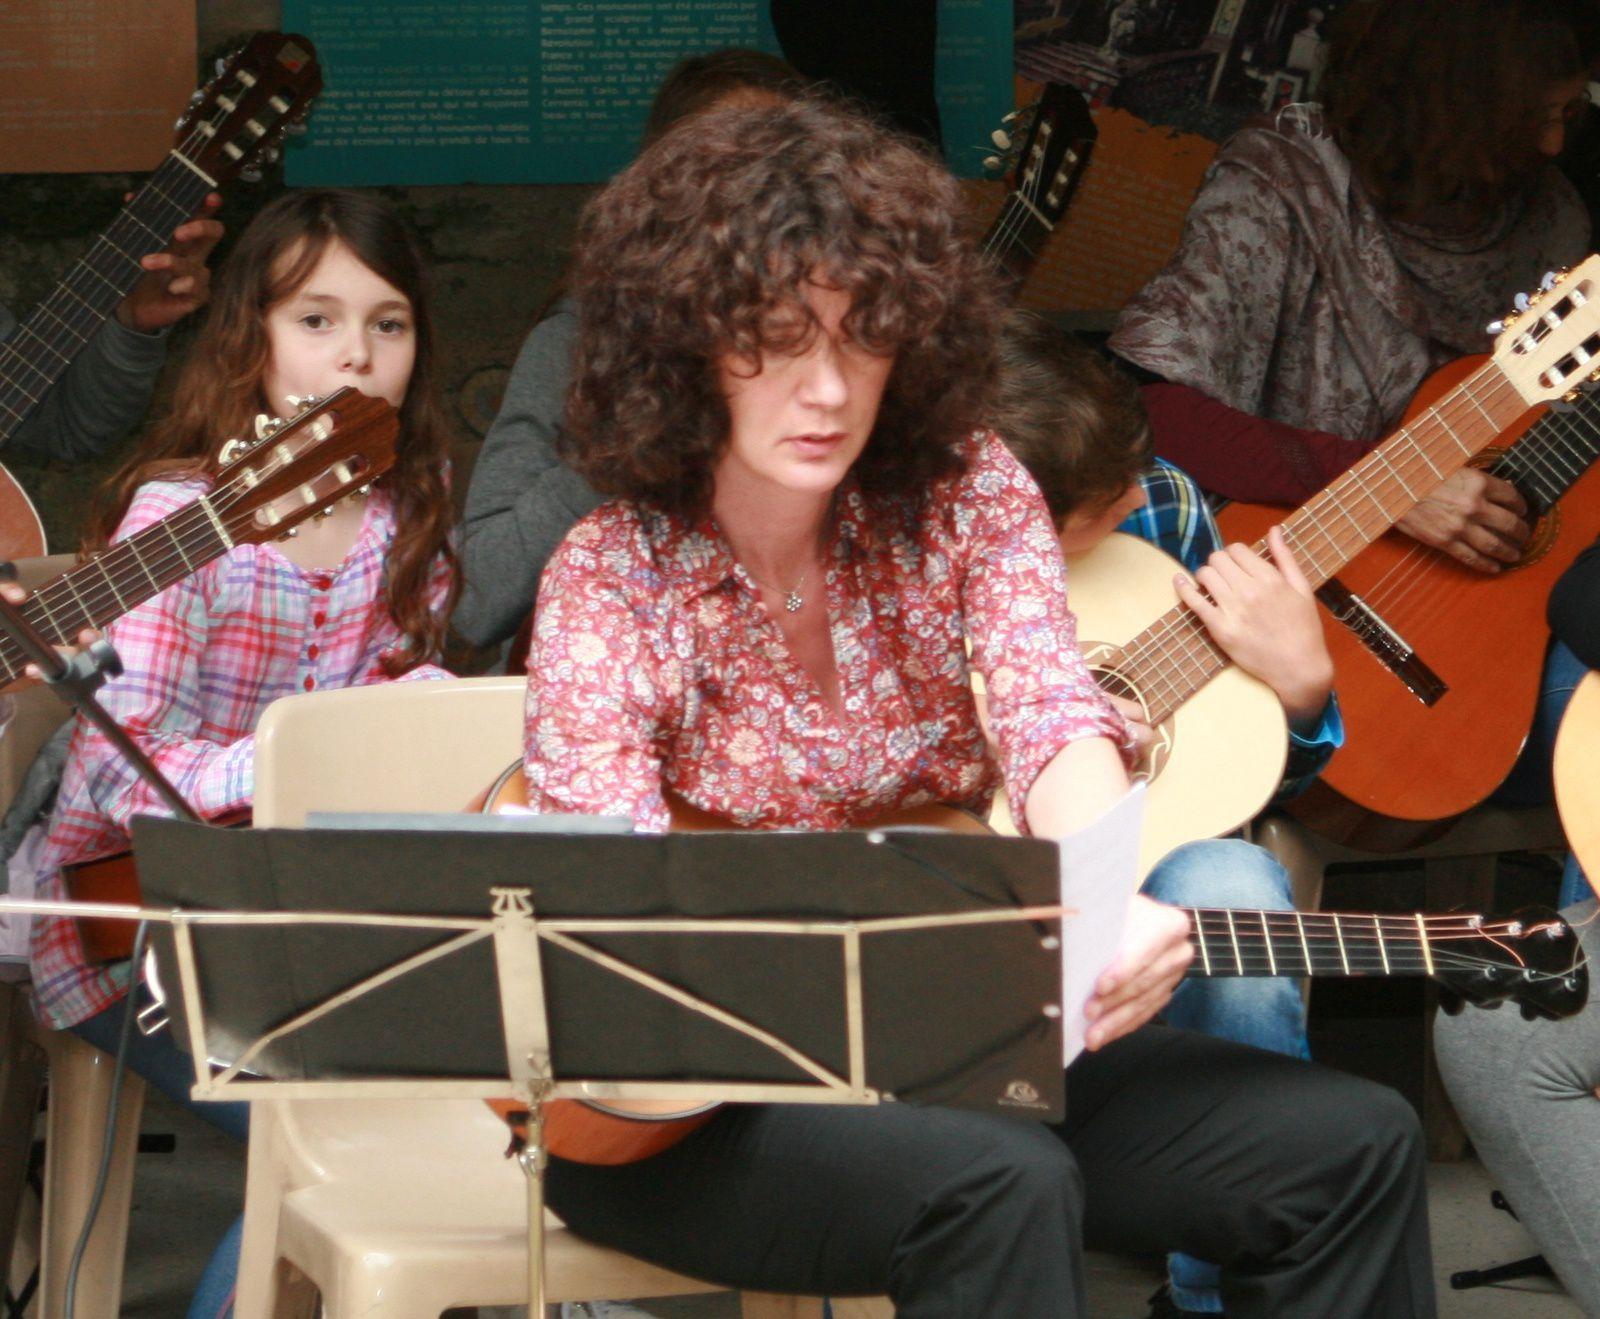 La classe de guitare de l'Ecole de musique de Roquebrune Cap Martin dirigée par Isabelle Magistry à Fontana Rosa